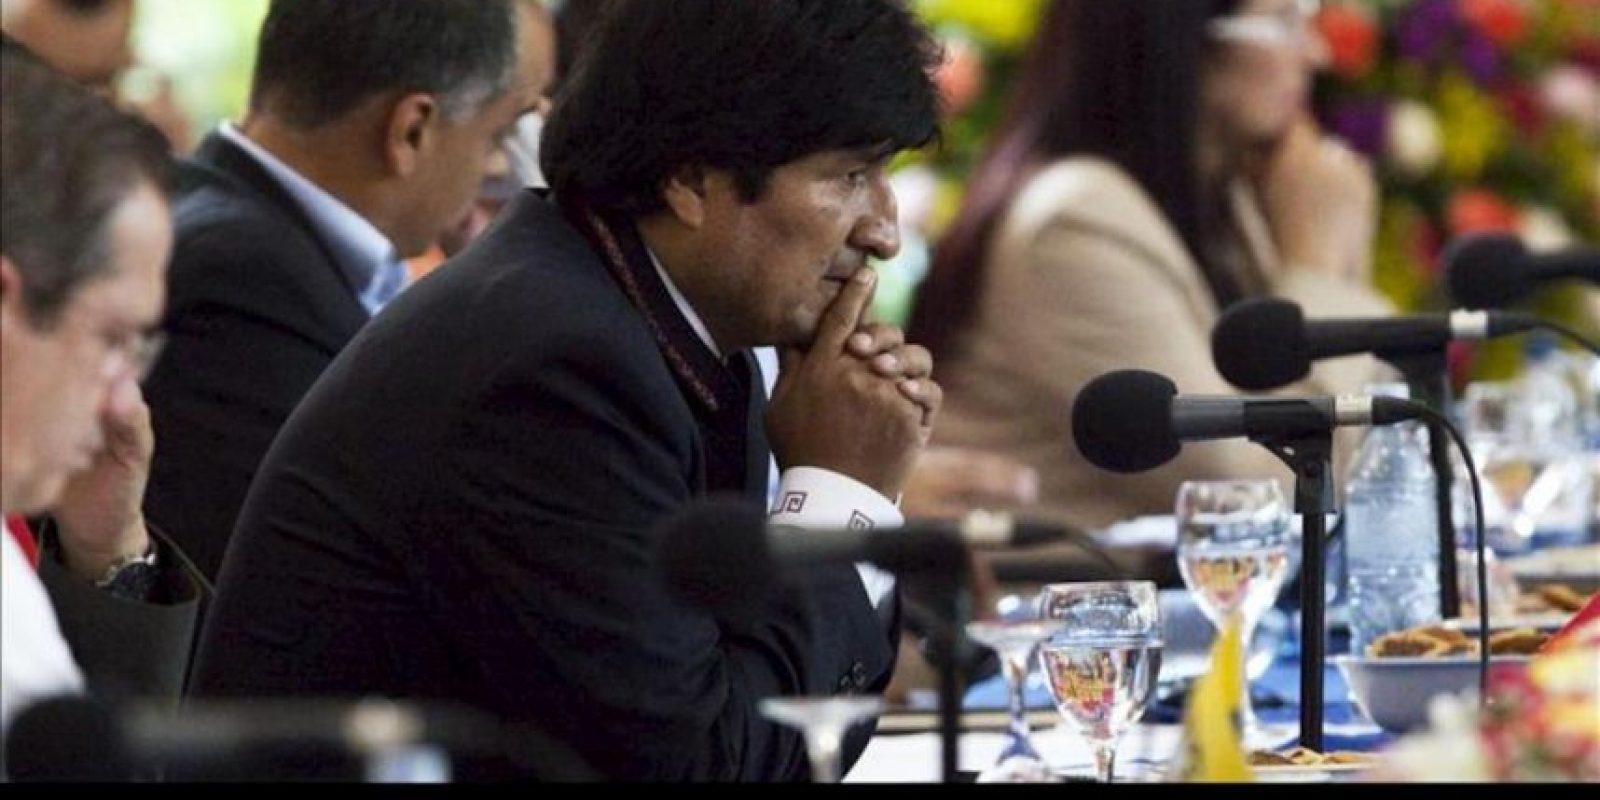 El presidente de Bolivia, Evo Morales asiste a la VIII Cumbre de Jefes de Estado y de Gobierno de Petrocaribe este sábado 29 de junio de 2013, en Managua (Nicaragua).